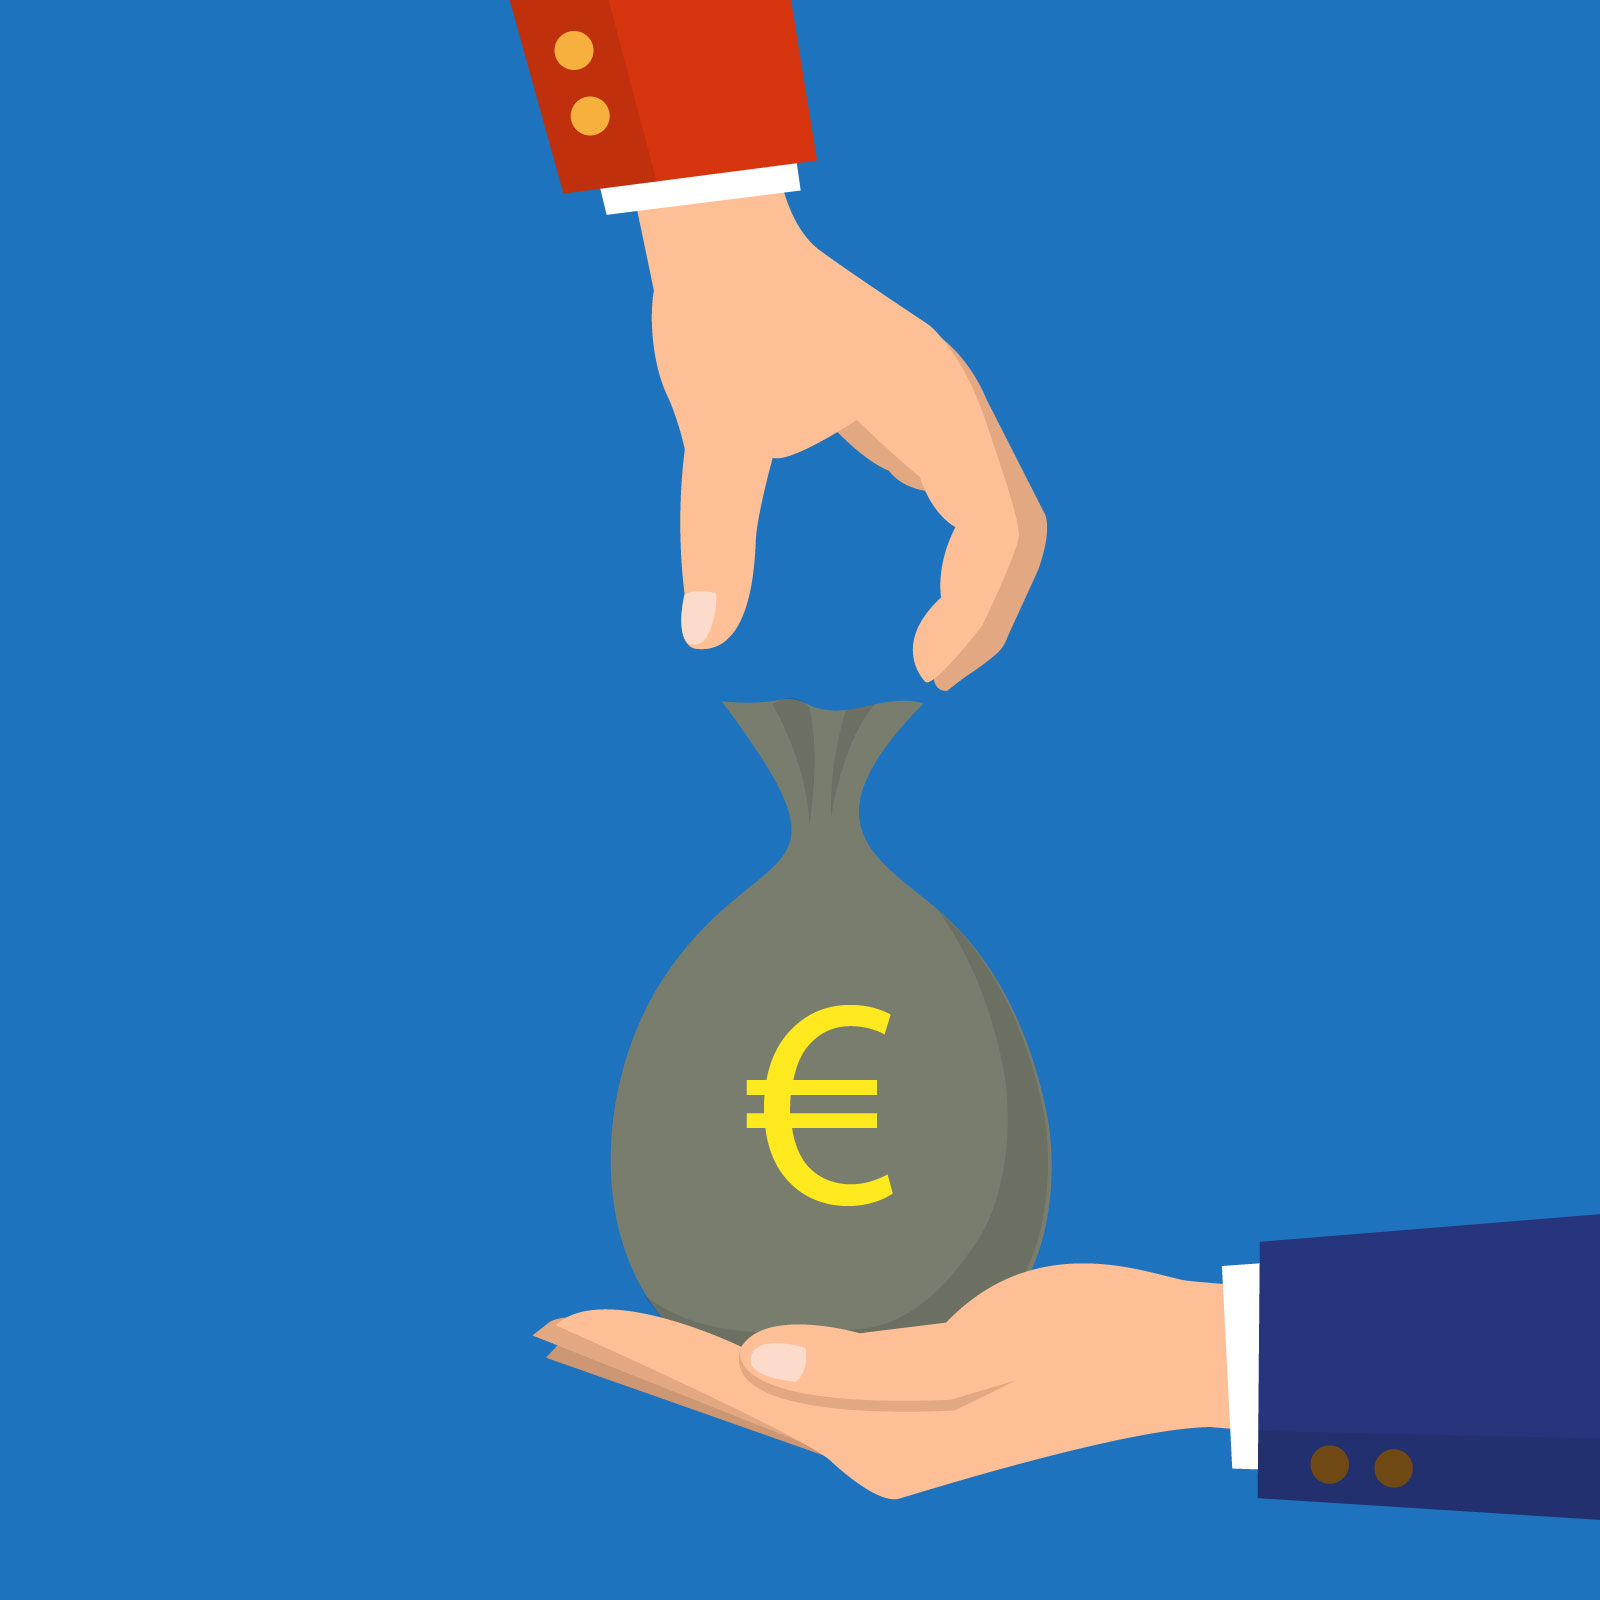 Un entrepreneur doit-il faire de l'oseille (argent) ou garder un sens moral et éthique ?